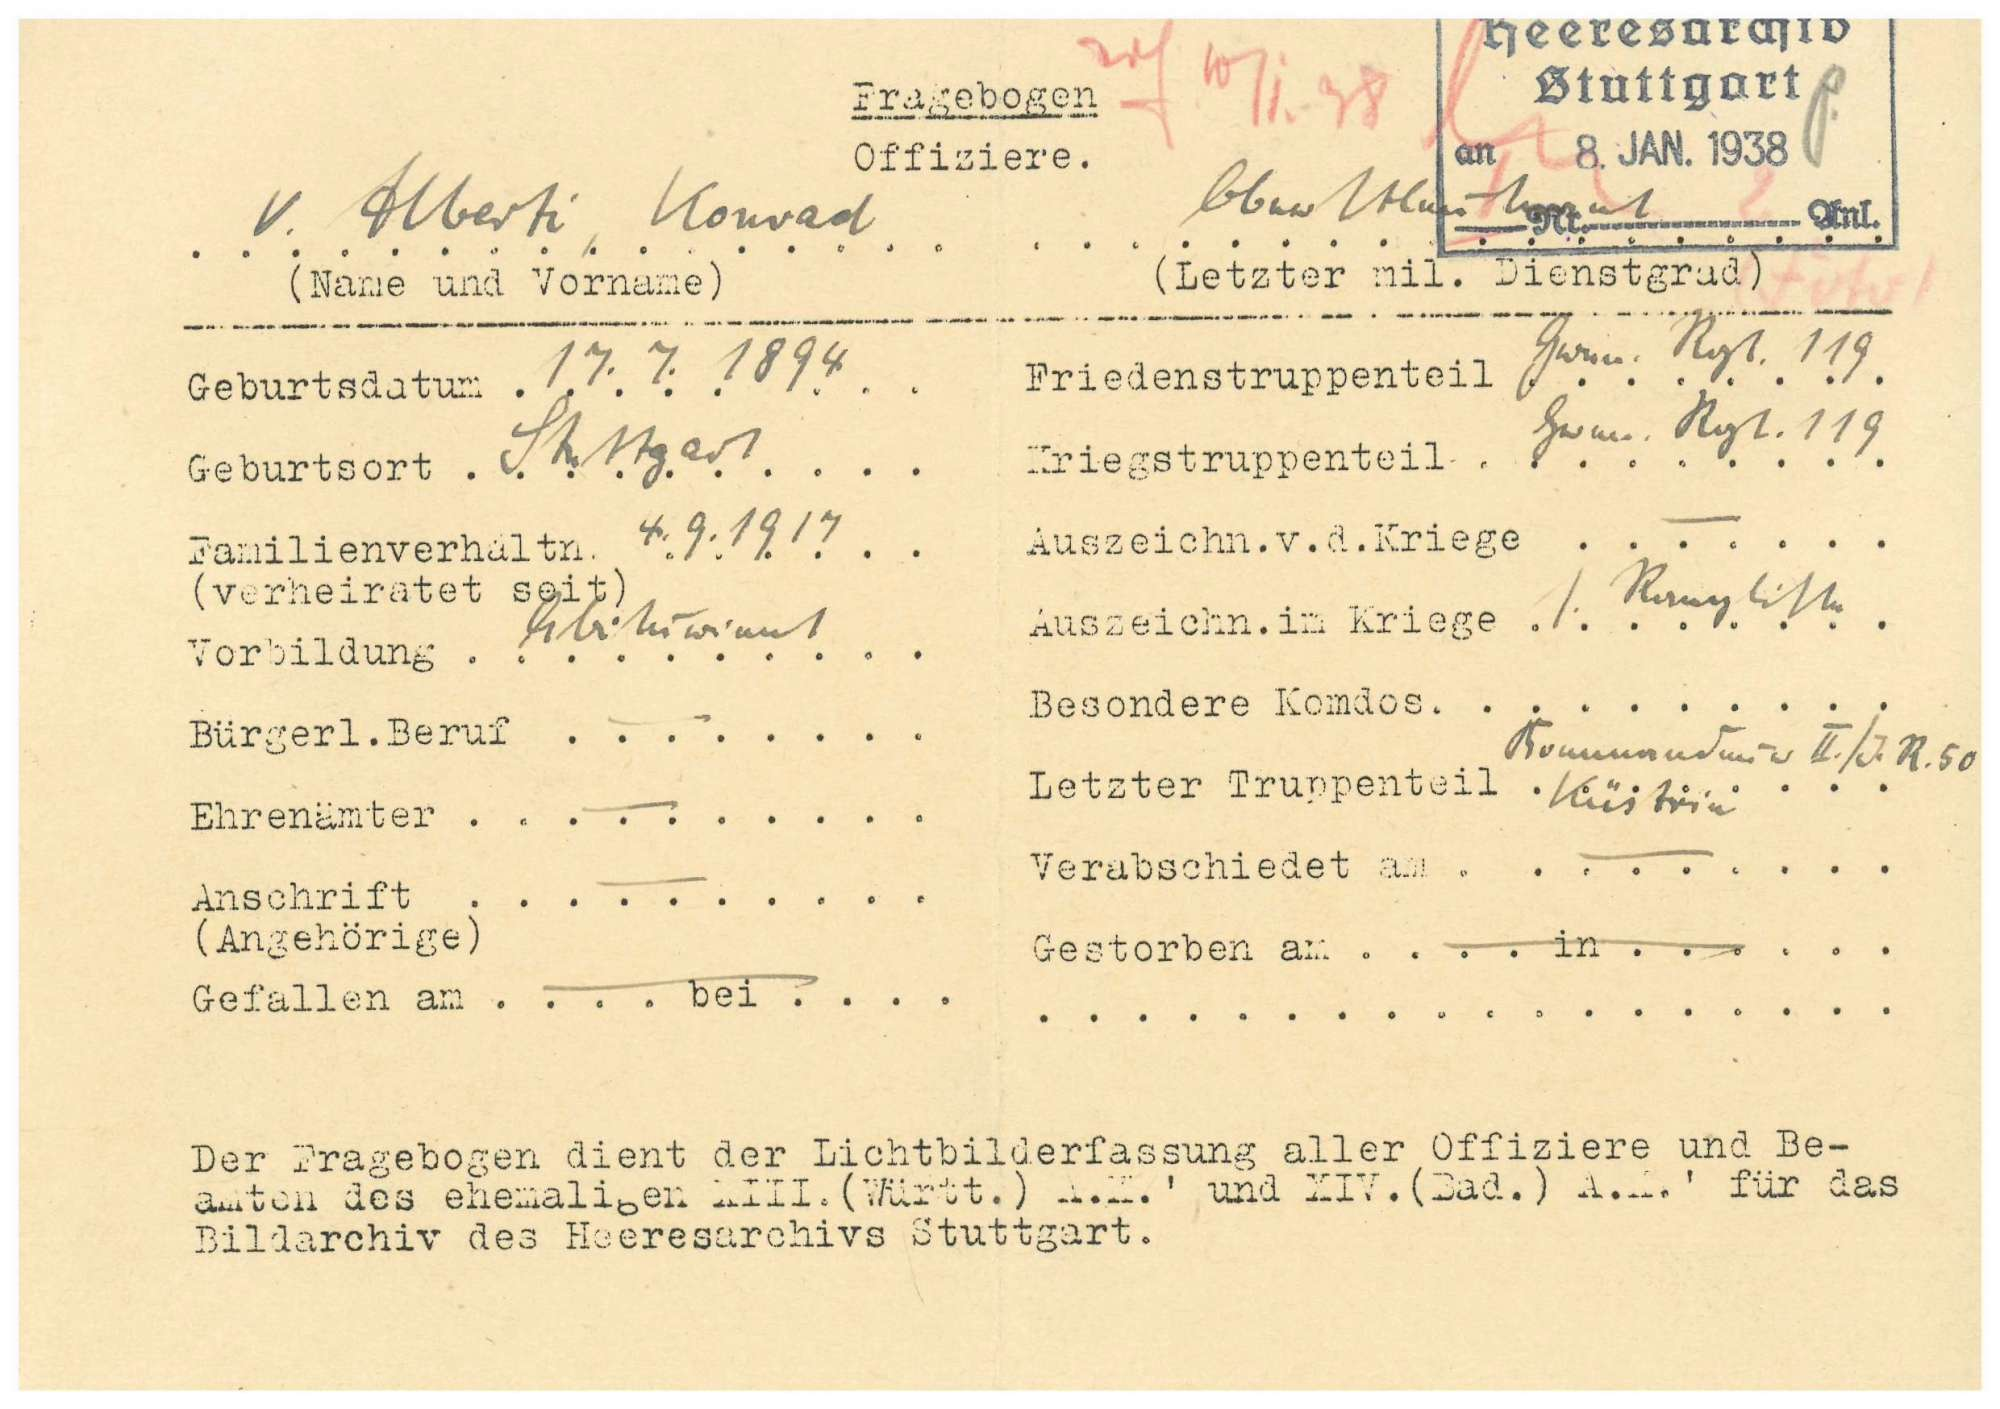 Alberti, Konrad von, Bild 3